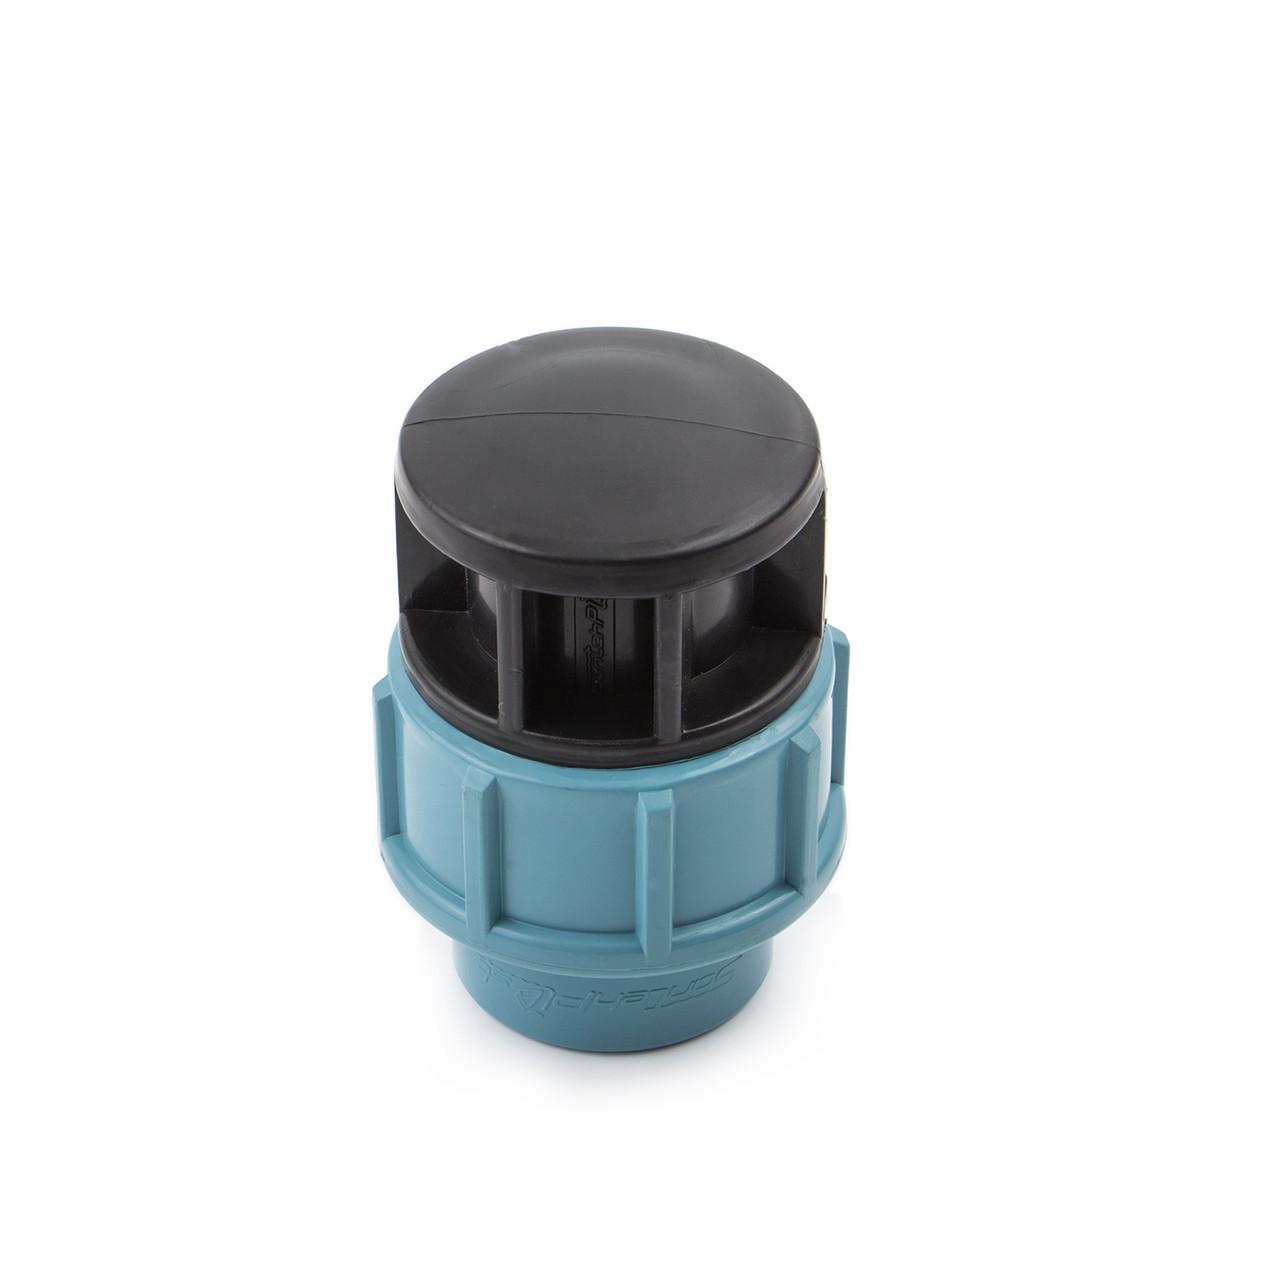 Заглушка 40 мм ПНД для полиэтиленовой трубы